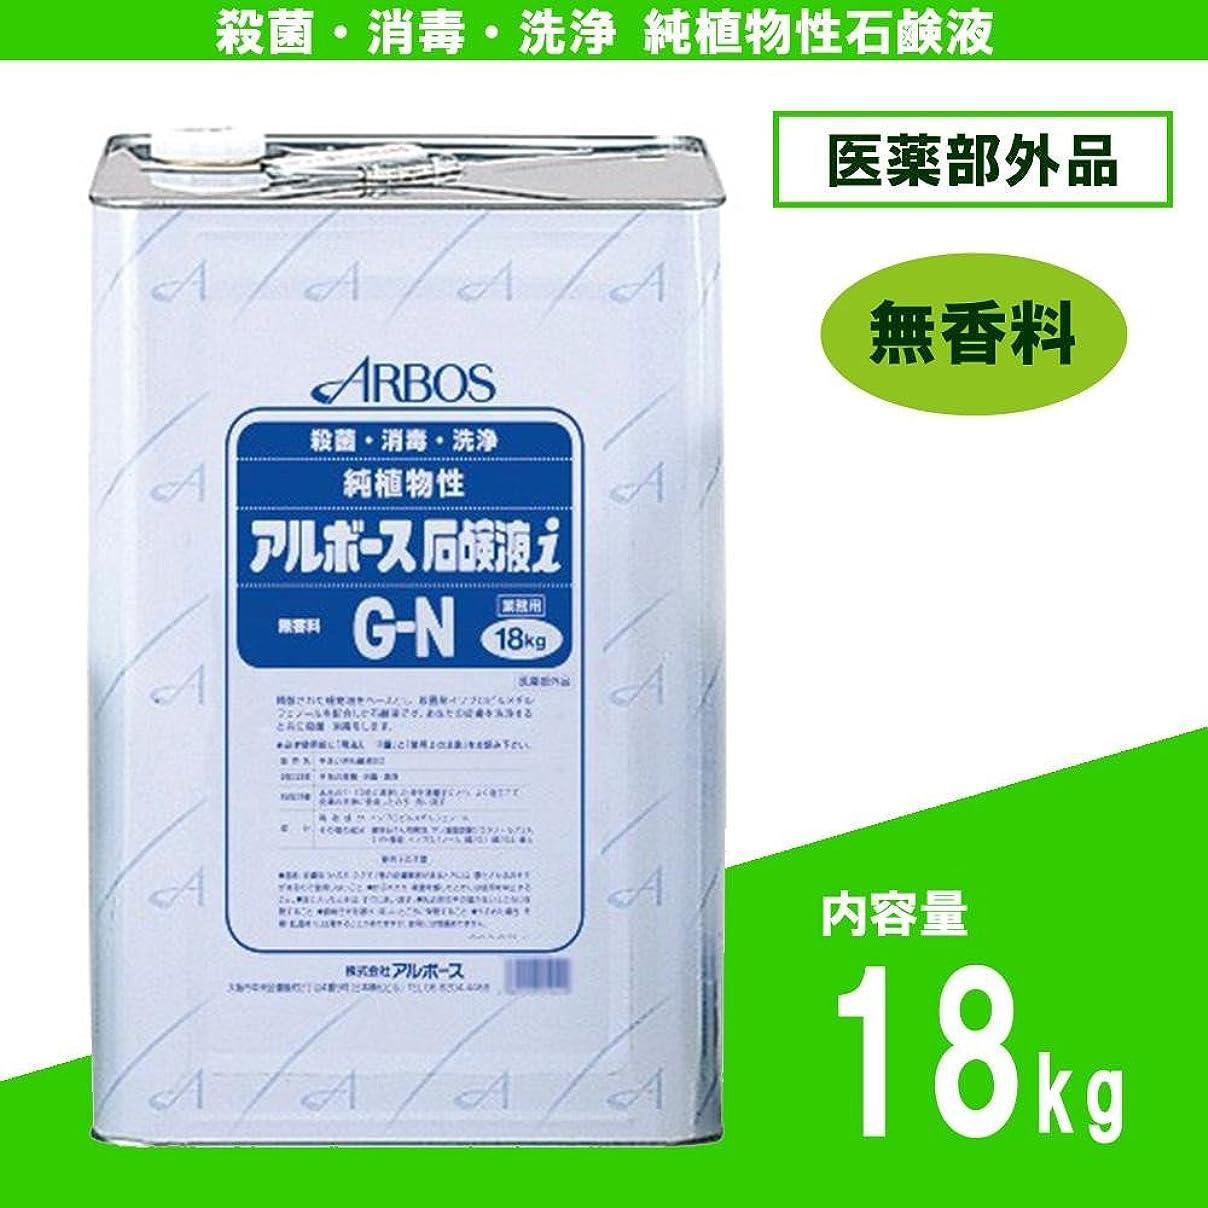 サージ理論スカルクアルボース 業務用純植物性石鹸液 石鹸液i G-N 無香料タイプ 18kg 01041 (医薬部外品)